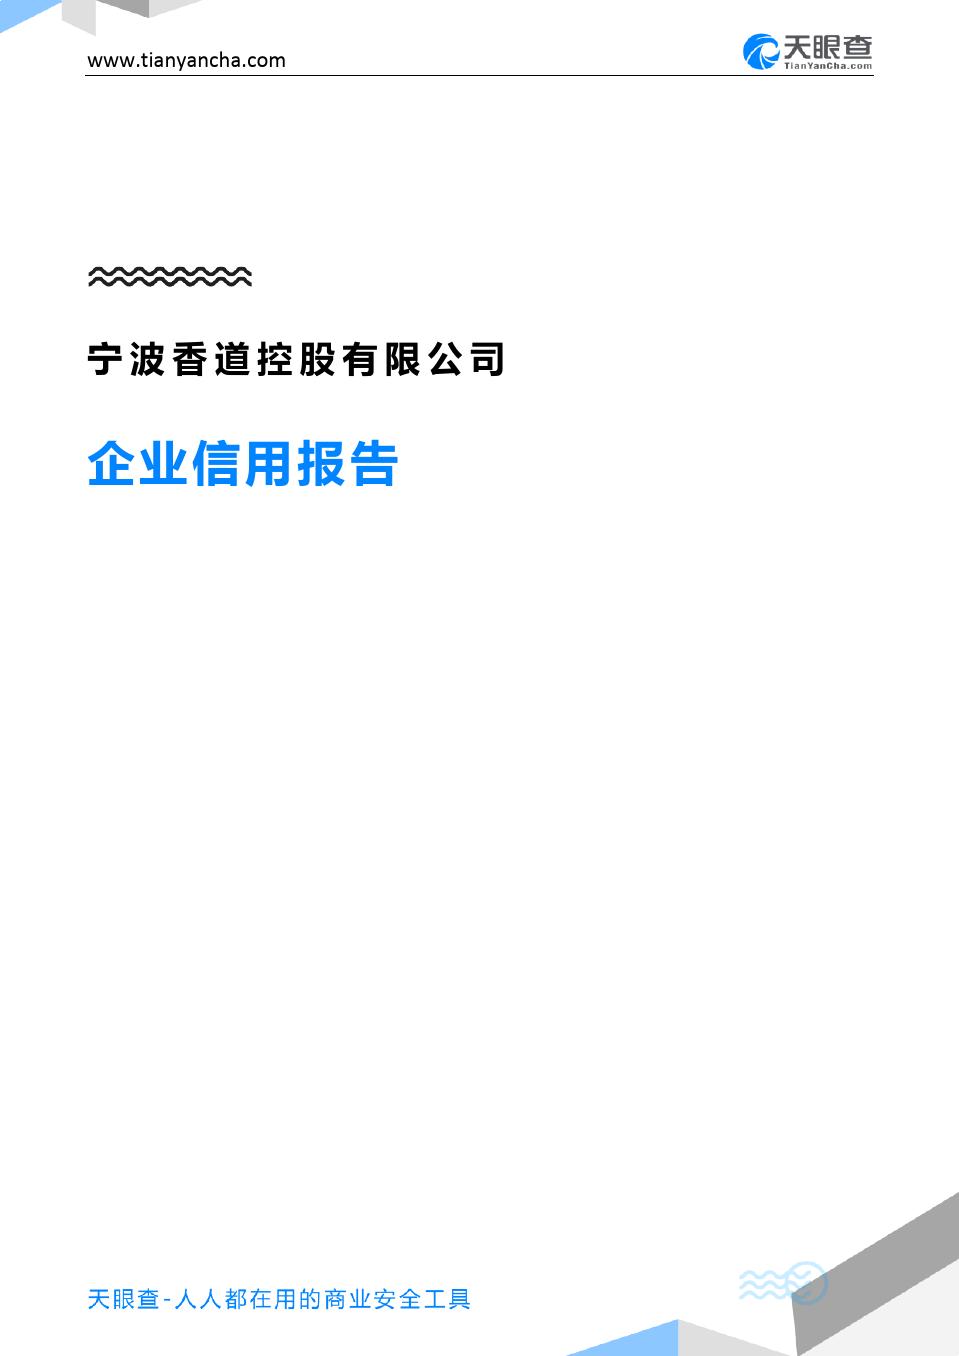 宁波香道控股有限公司(企业信用报告)- 天眼查